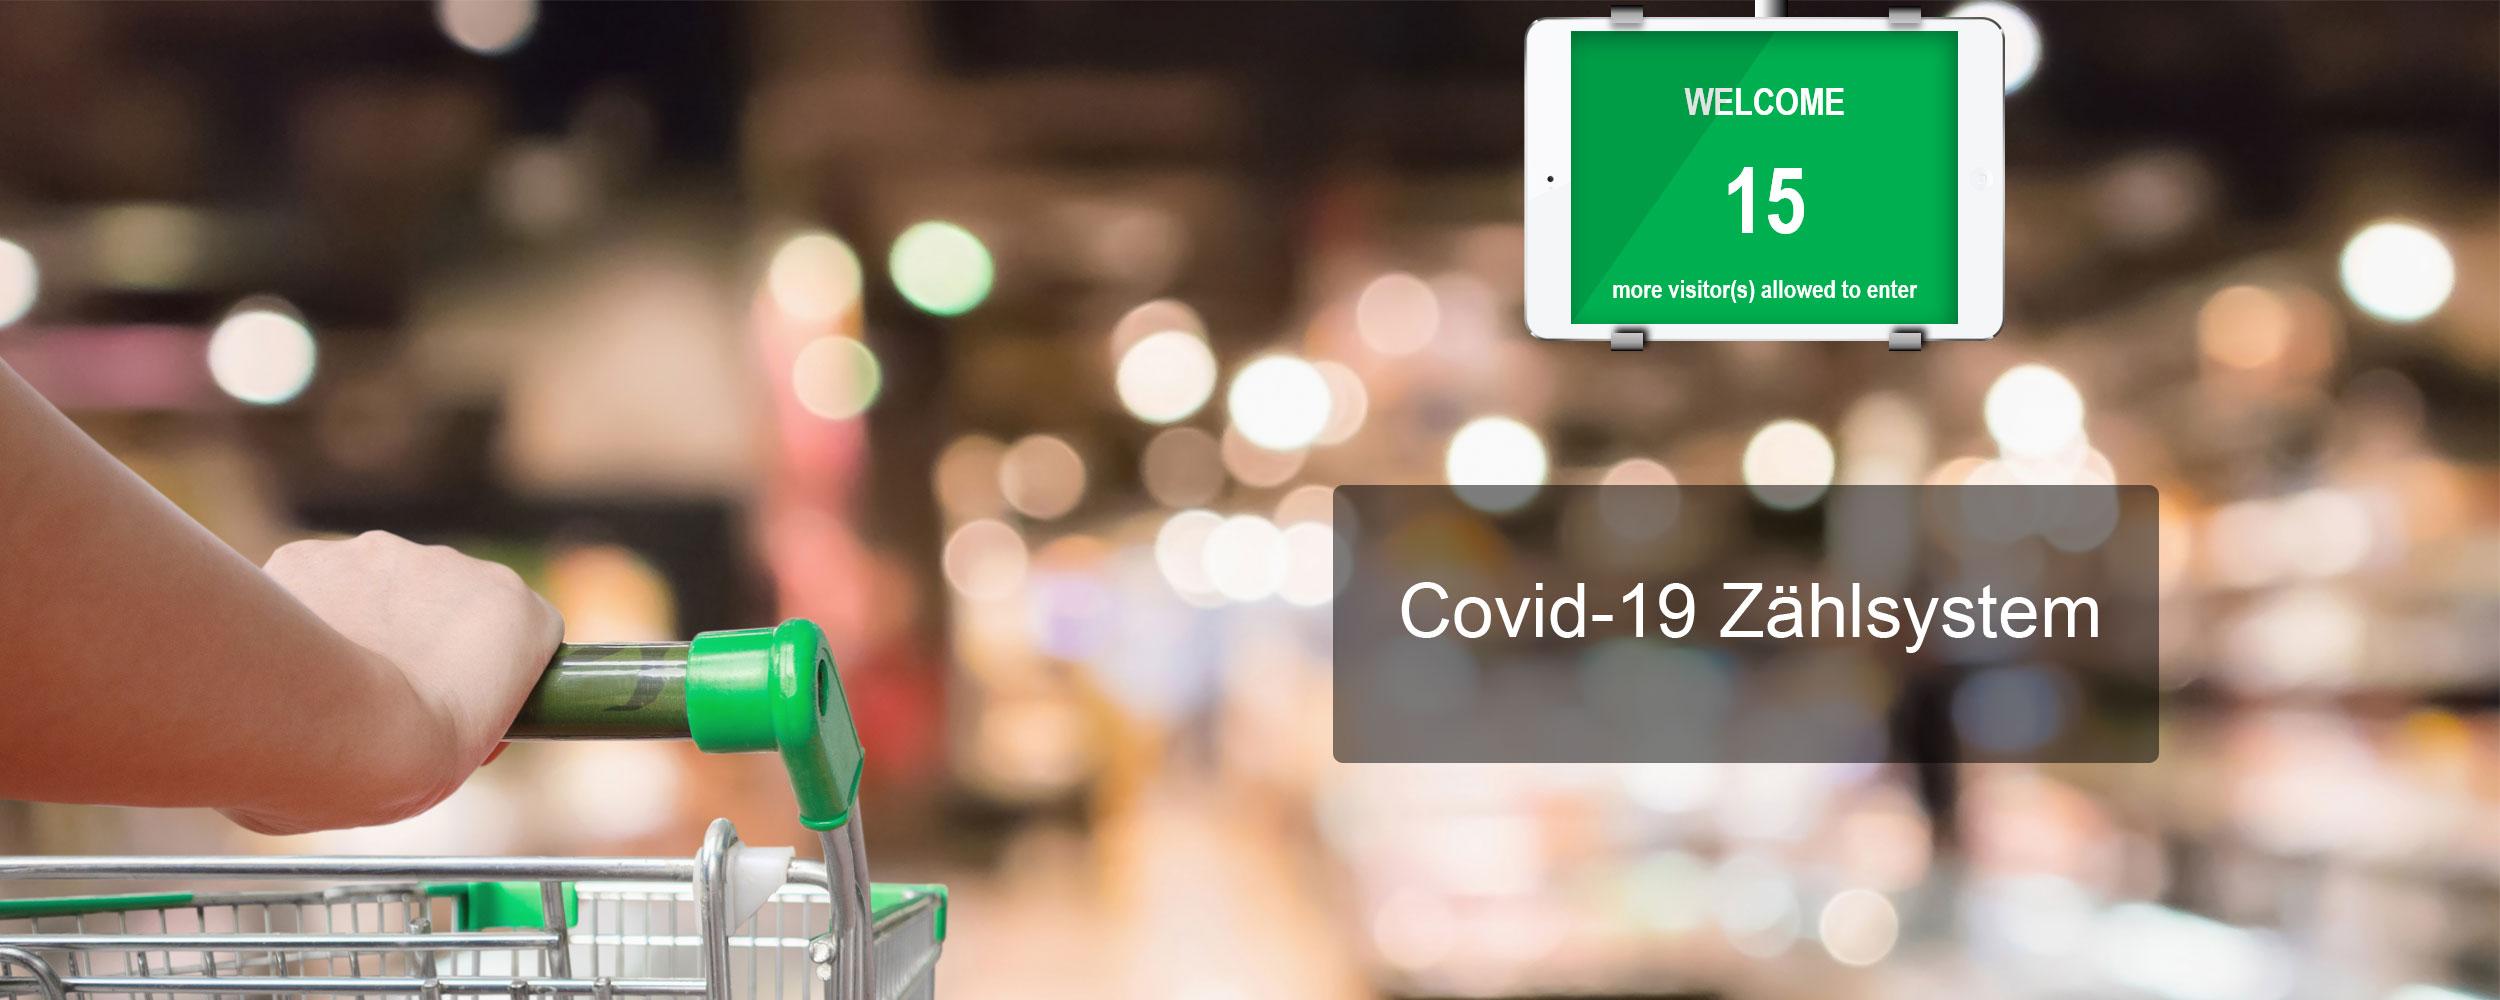 Covid-19 Kundenzählung